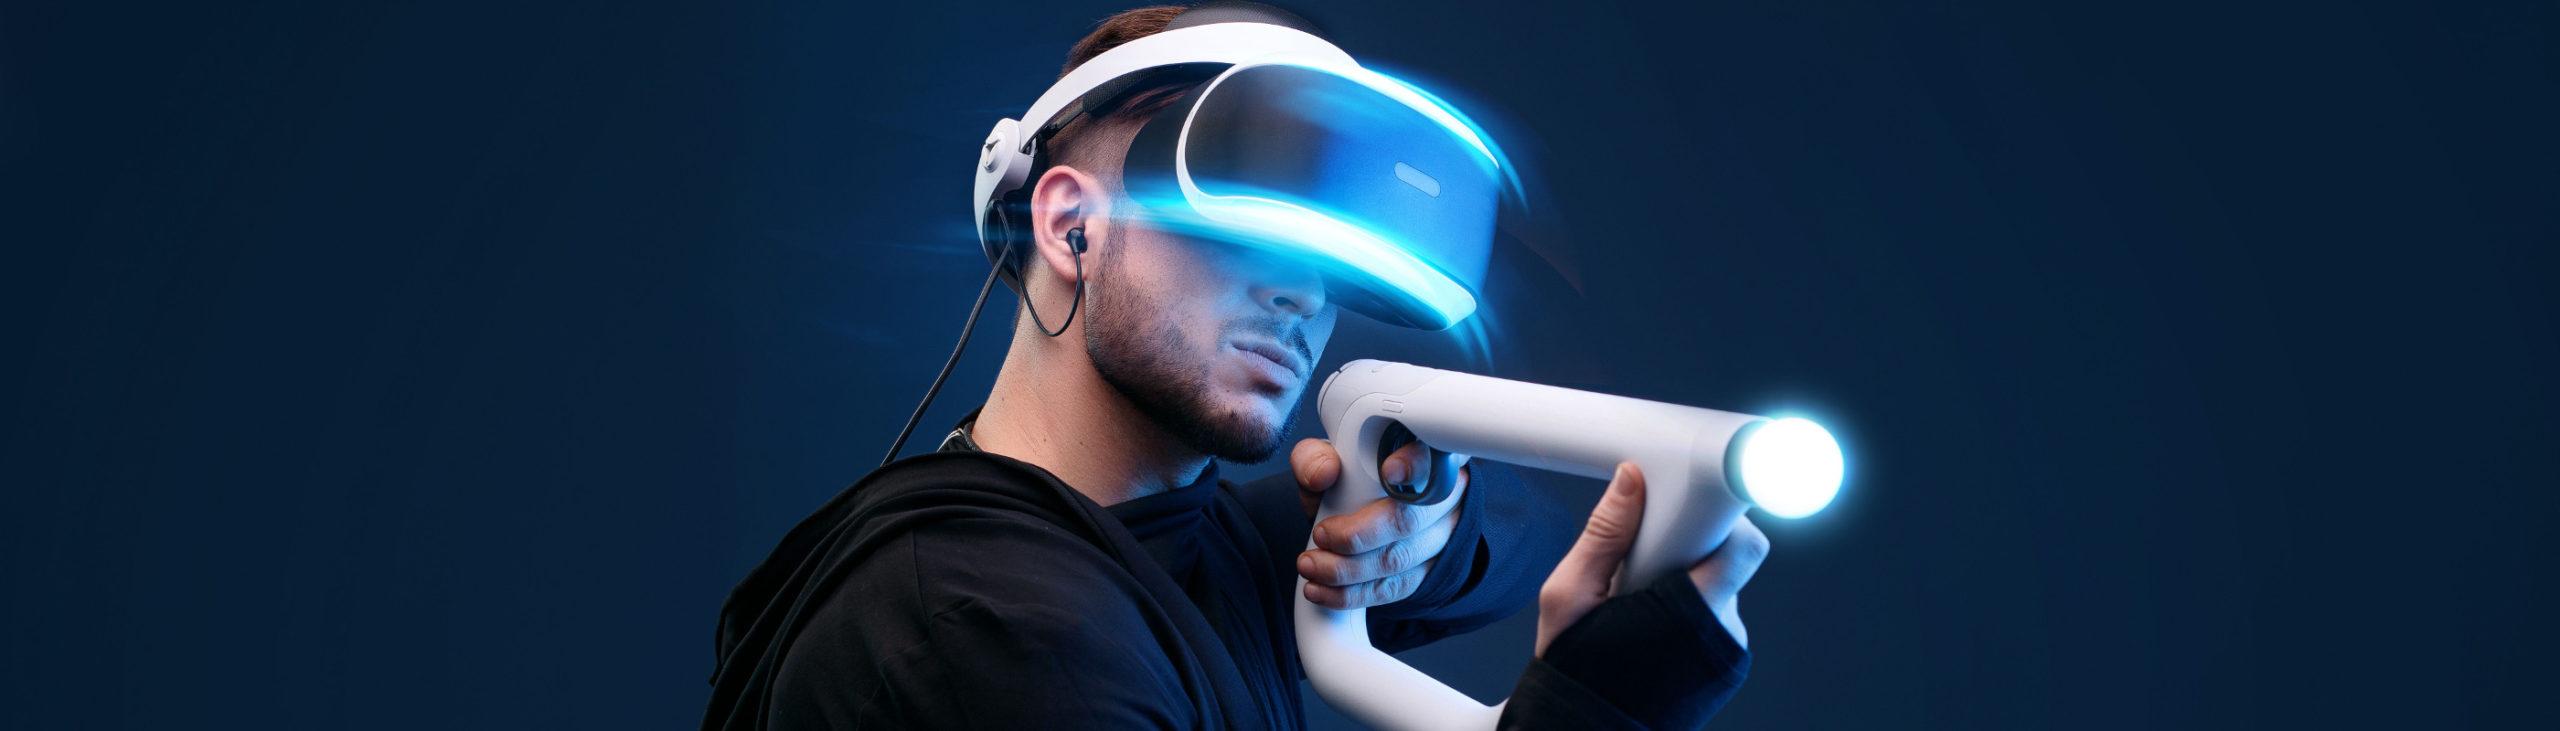 Juegos de gafas virtuales VR 360 | 14